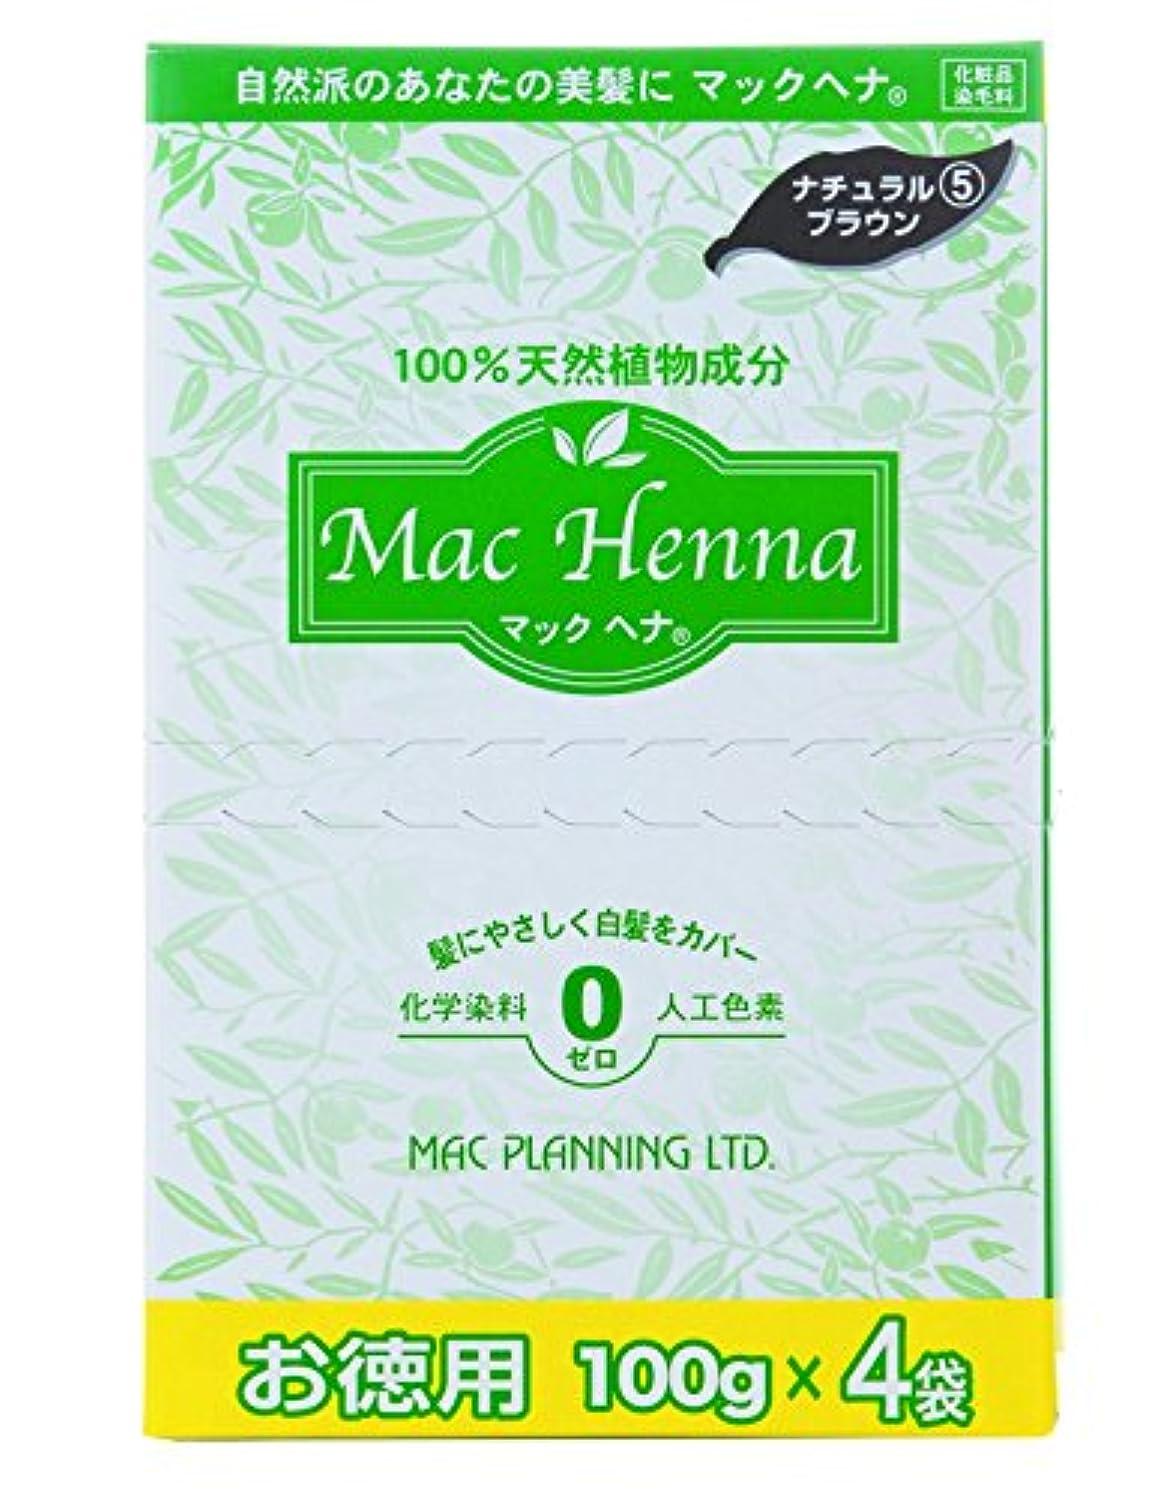 オゾン愛人ストレージマックヘナ お徳用 ナチュラルブラウン400g ヘナ白髪用カラー